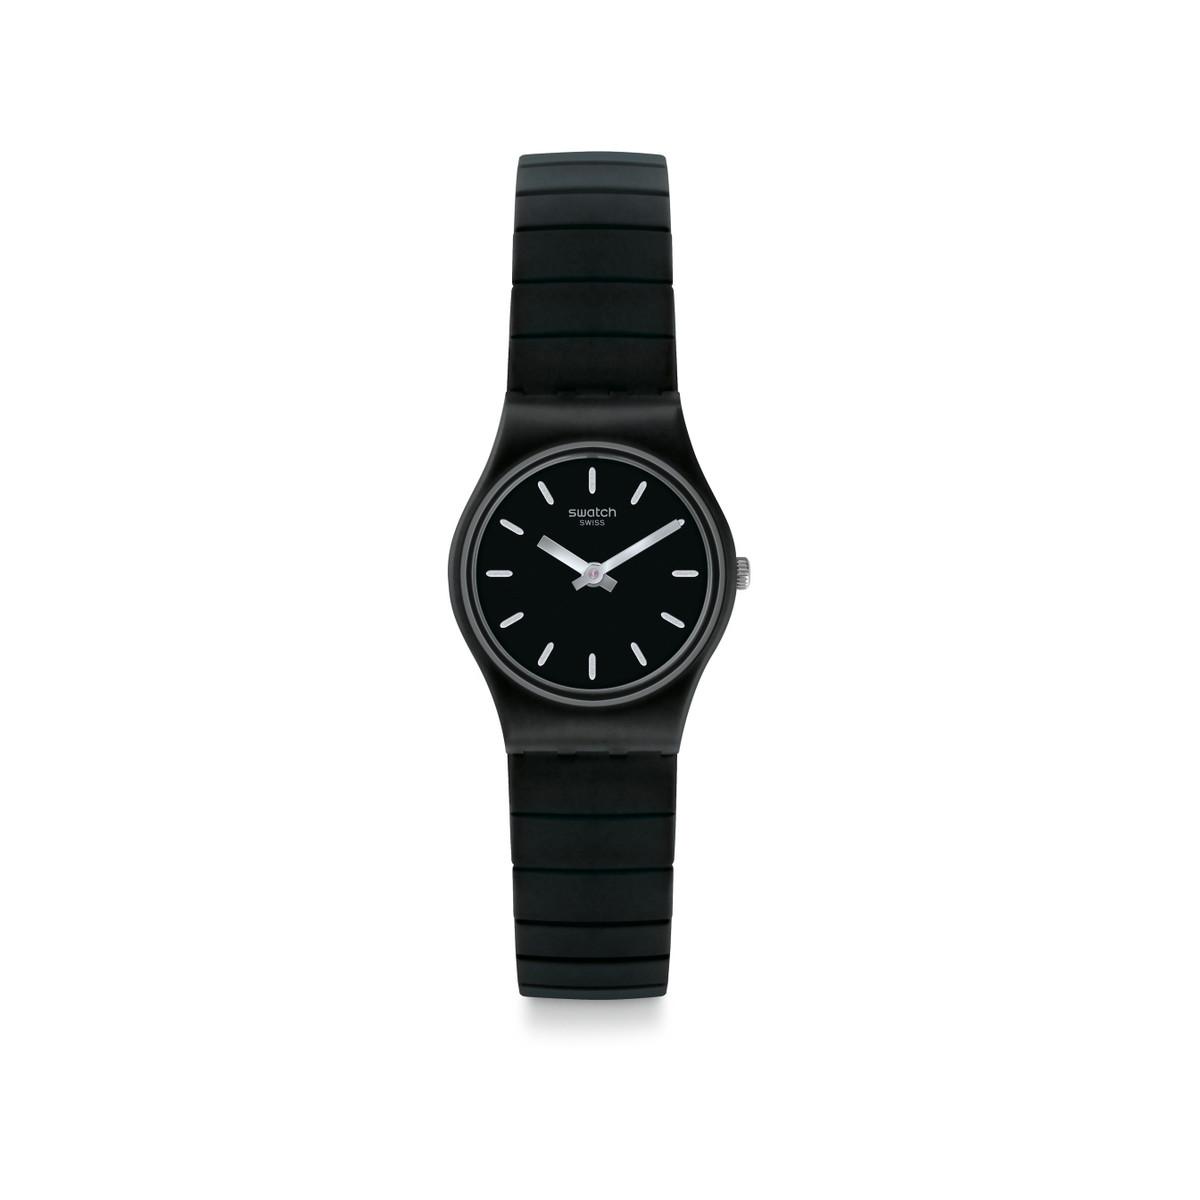 bb59a28a3c Montre Swatch mixte acier plastique noir - Femme - modèle LB183B | MATY